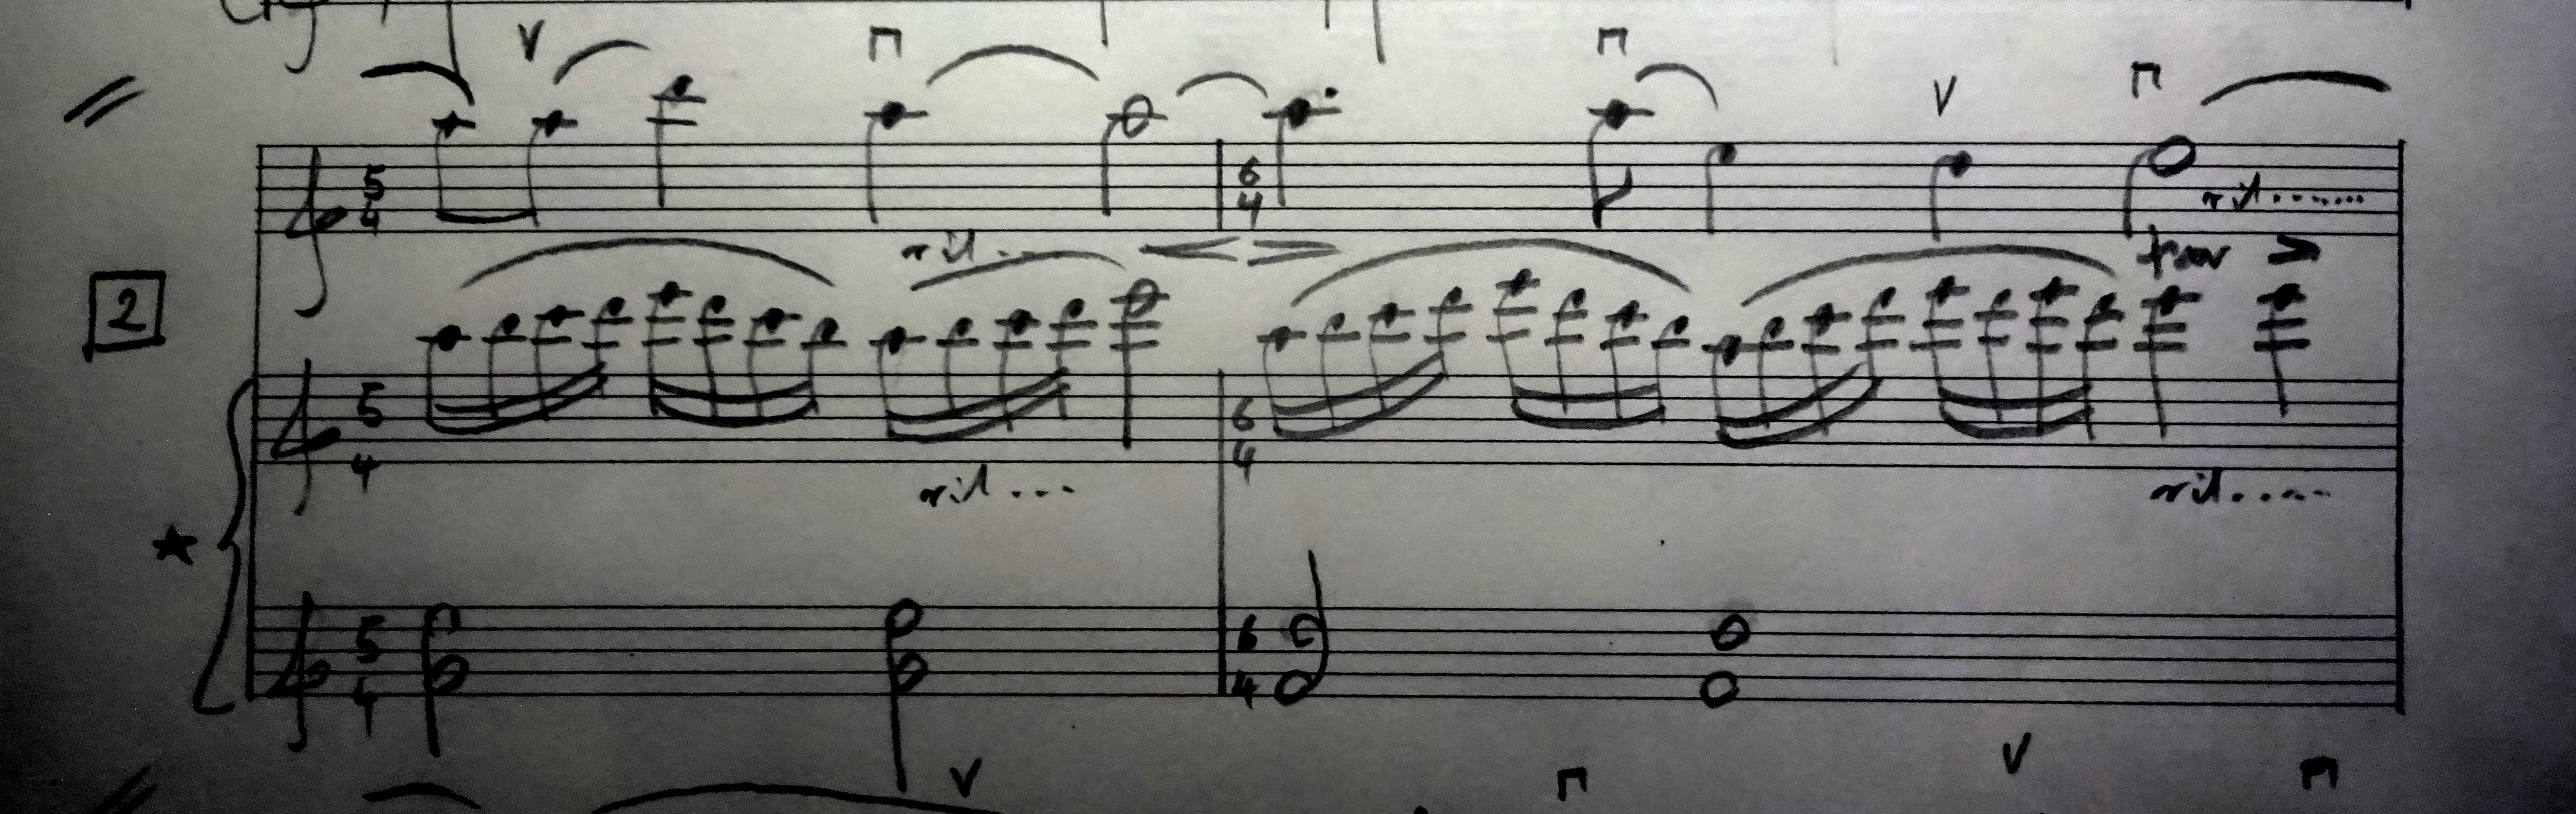 02 [95c] Music score of Violin and Piano 95c DSC00819